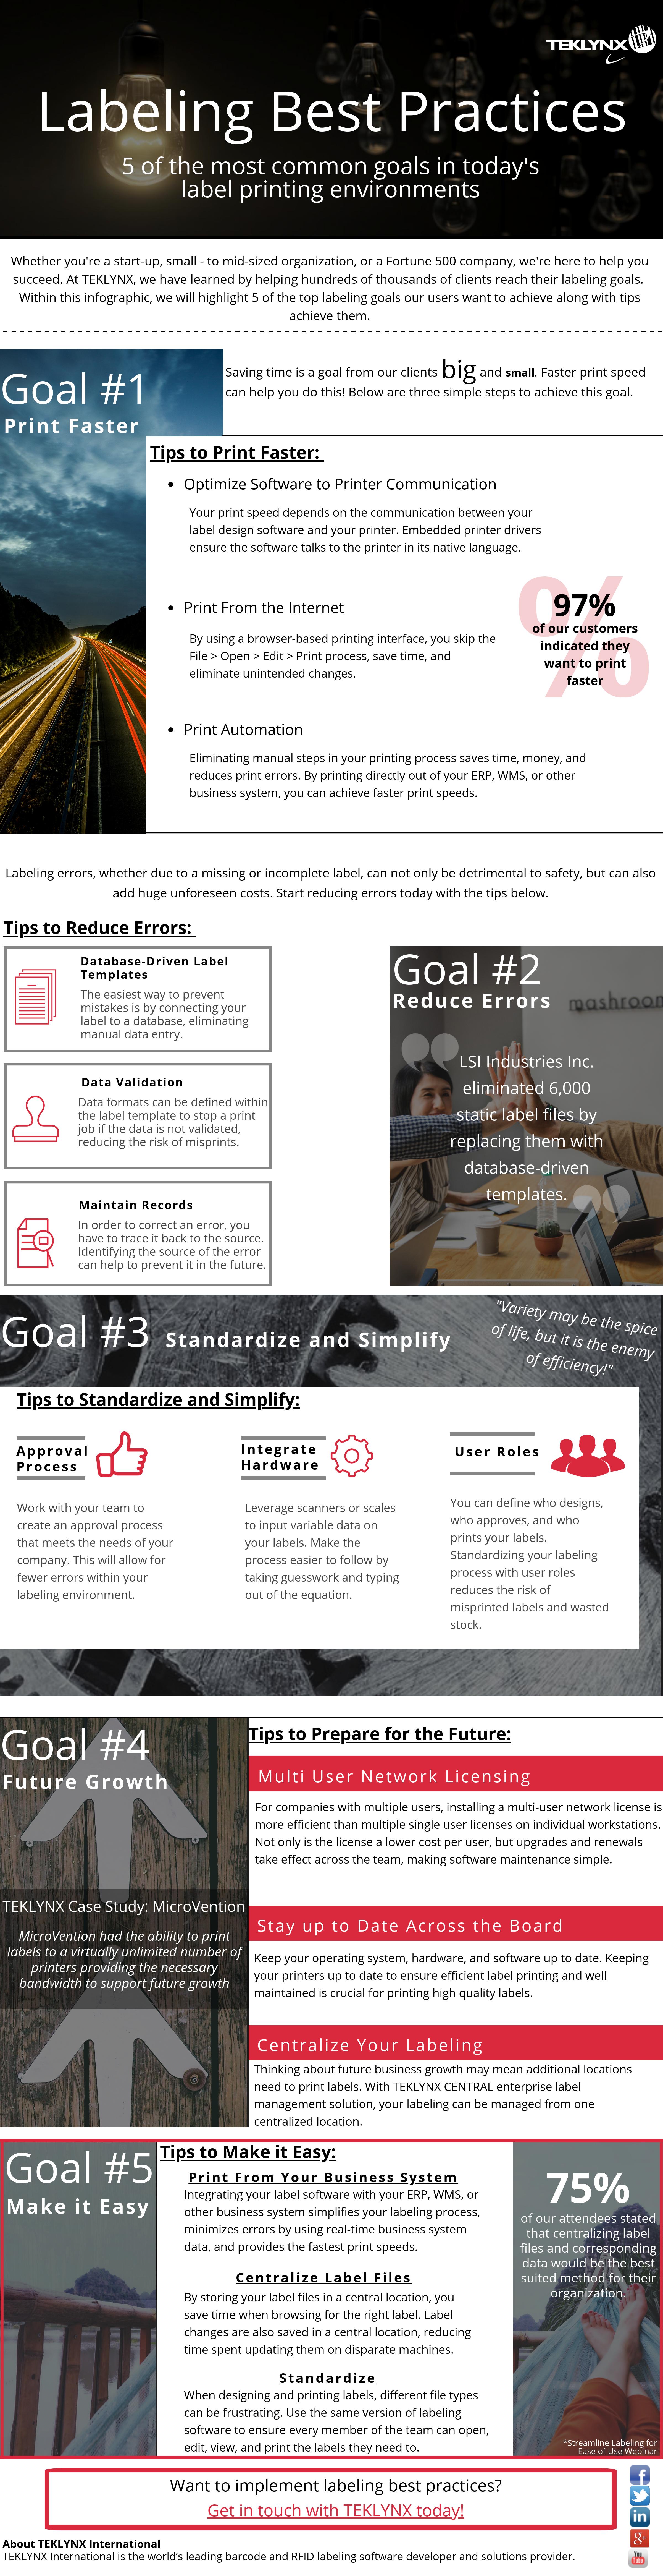 Bezplatná infografika: Osvědčené postupy značení